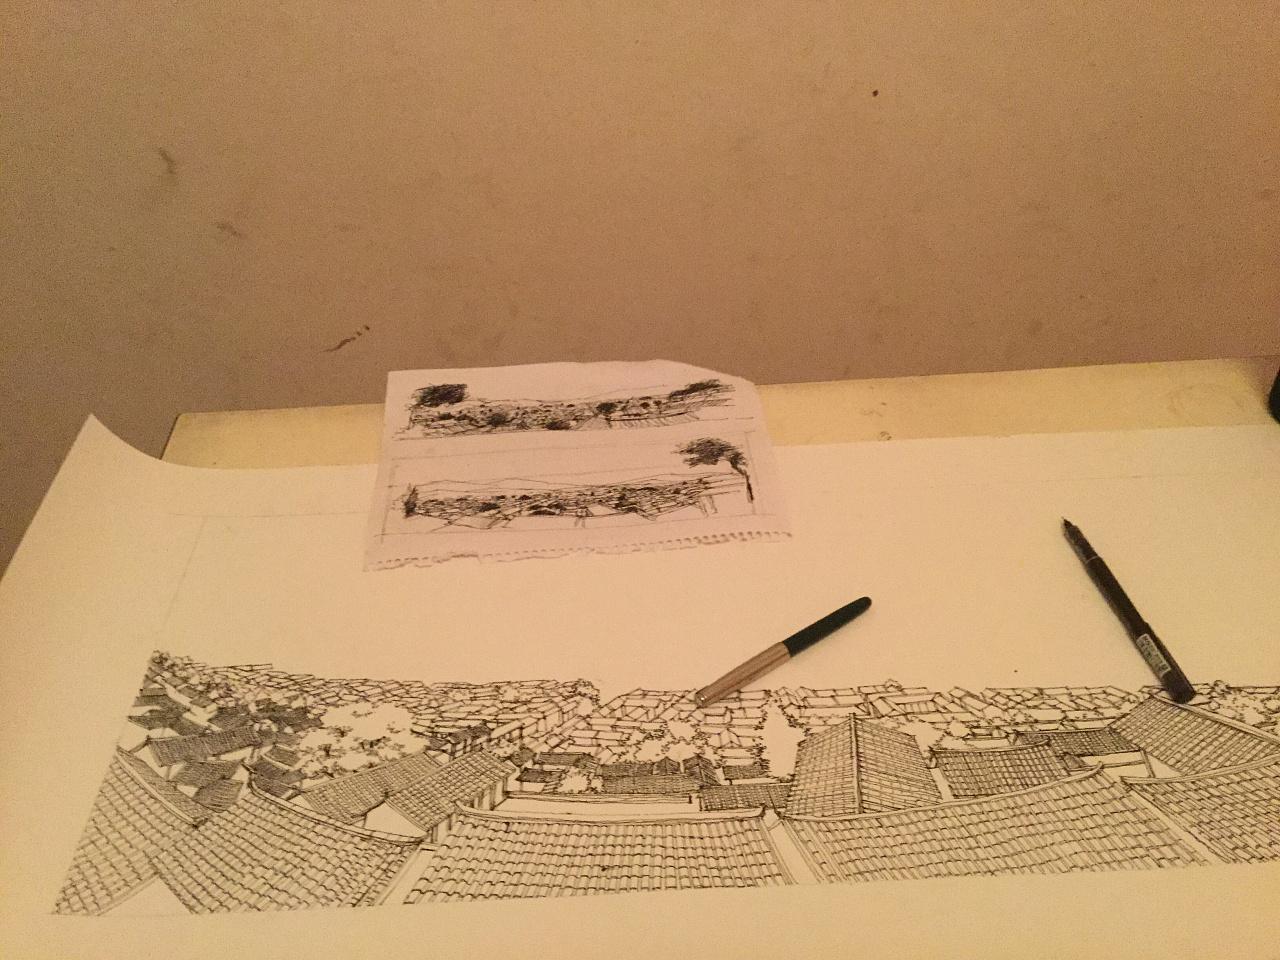 李万海原创钢笔手绘《丽江古城》